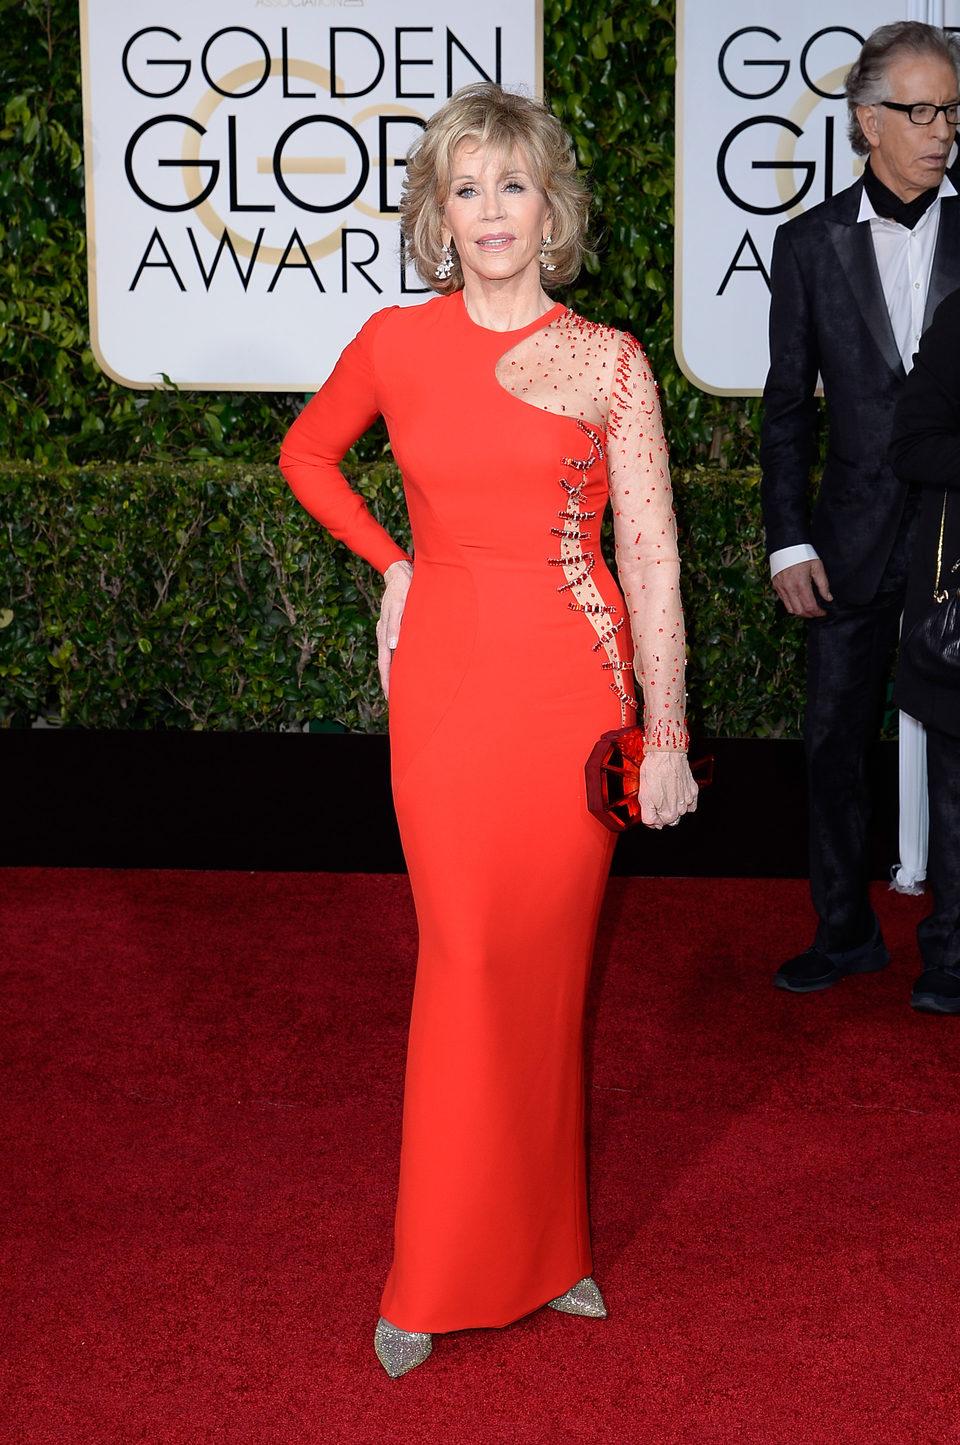 Jane Fonda en la alfombra roja de los Globos de Oro 2015